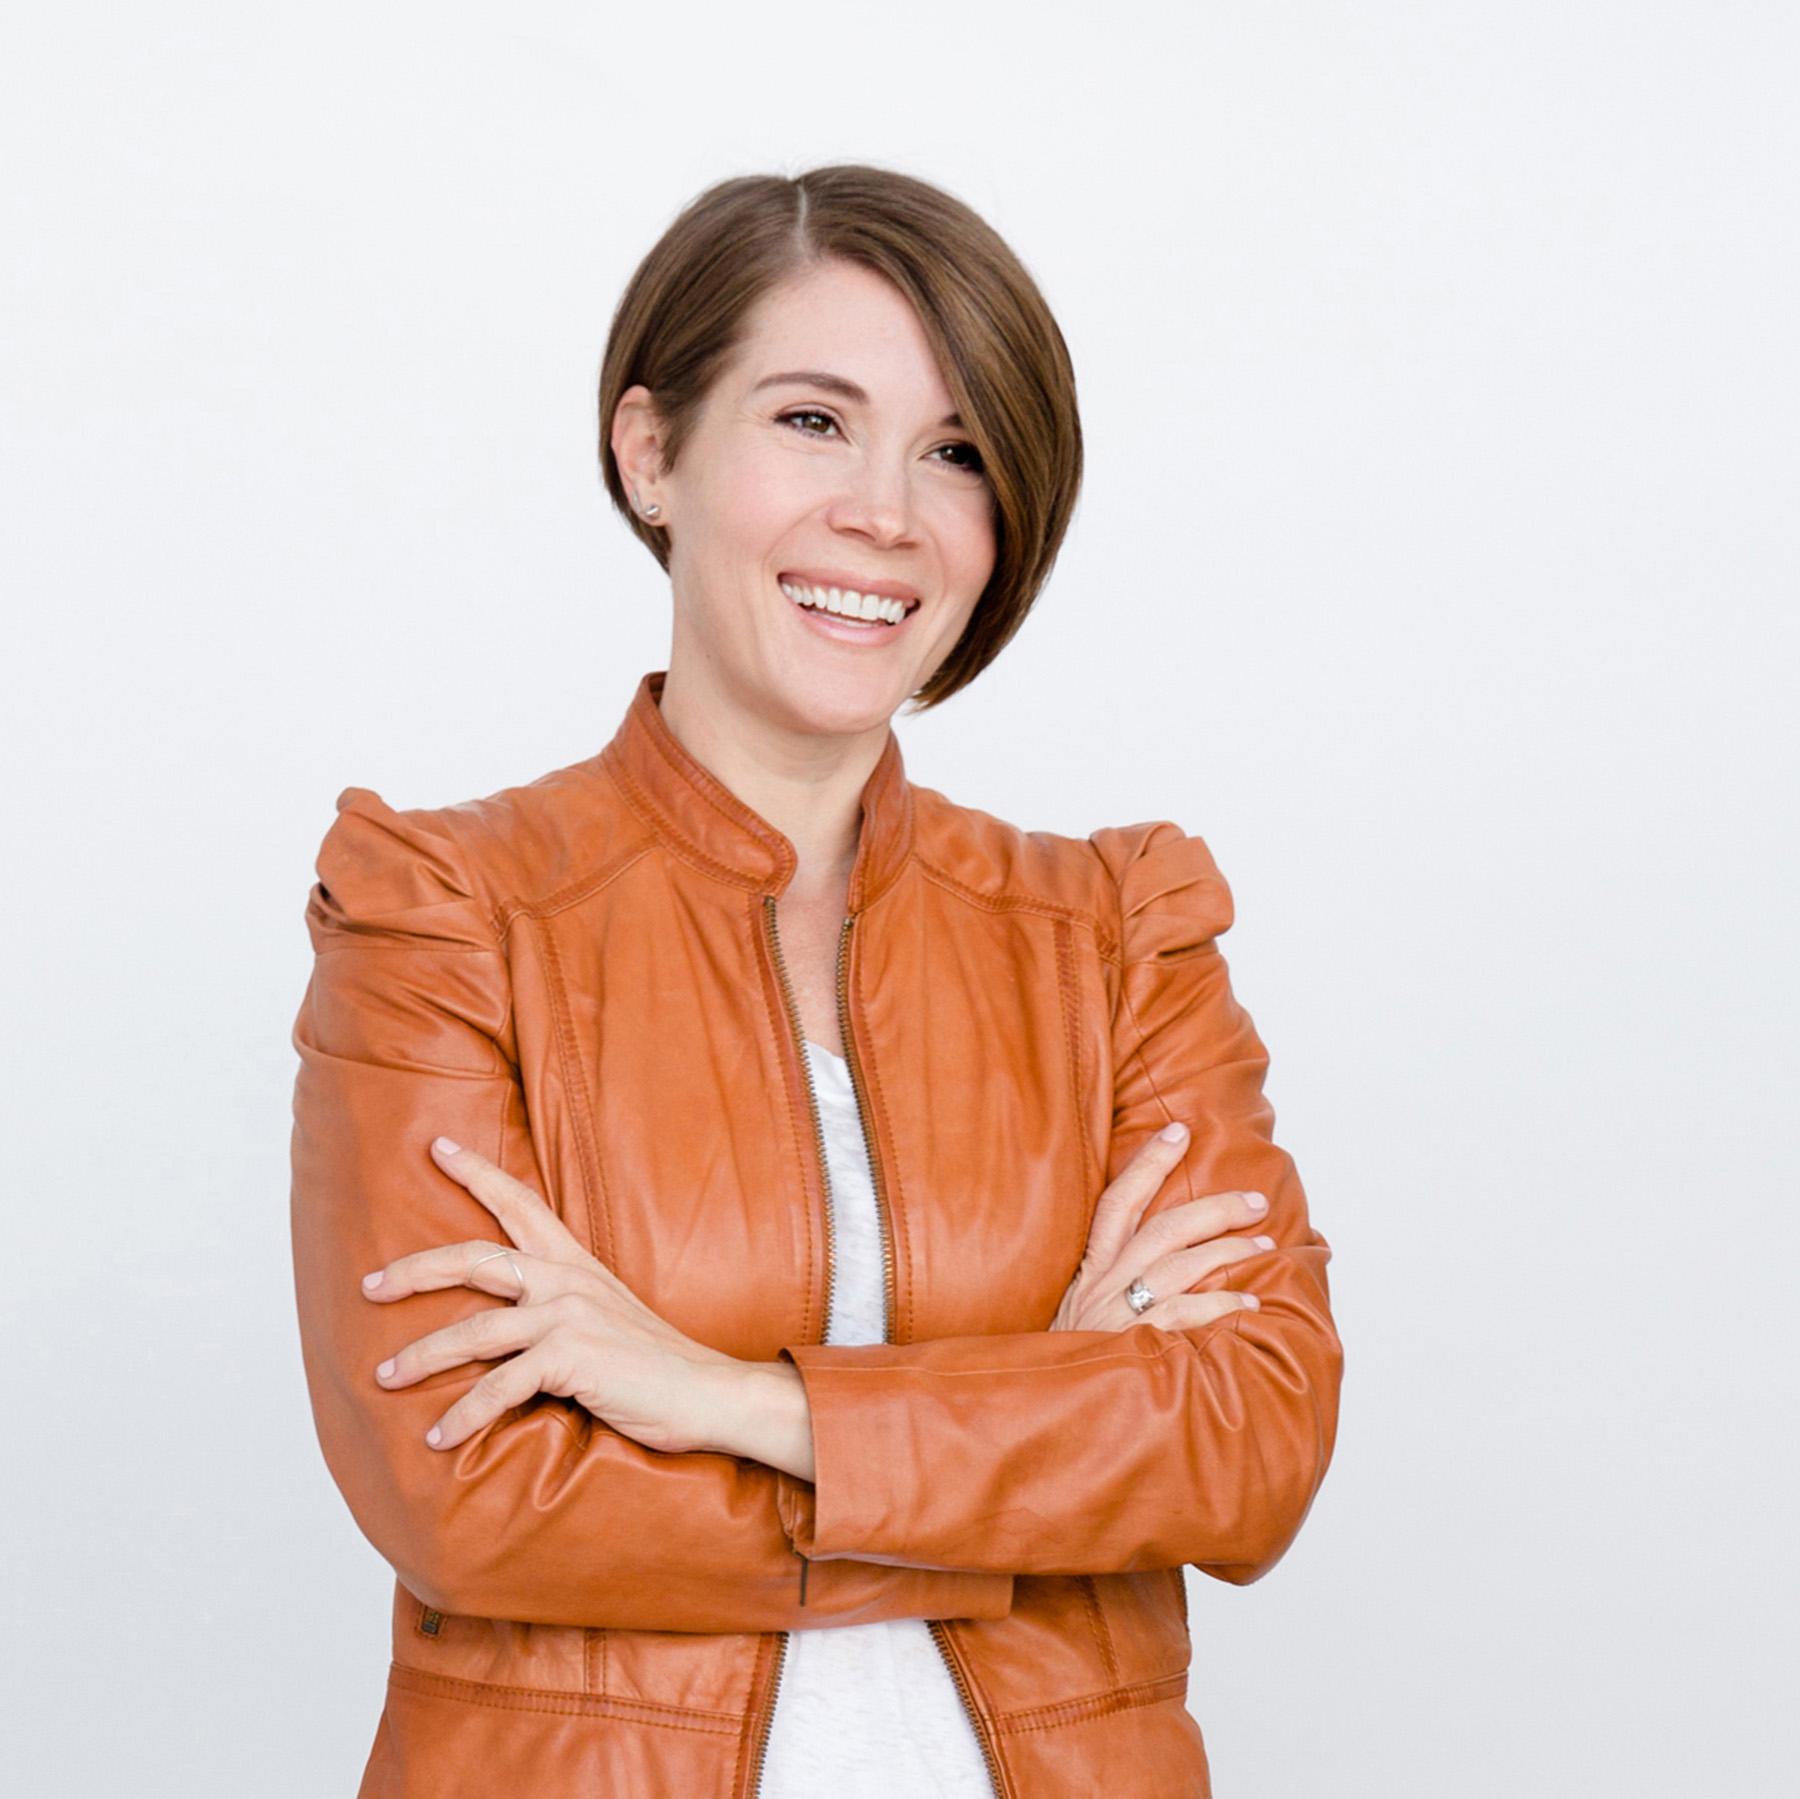 Katie Heiselberg